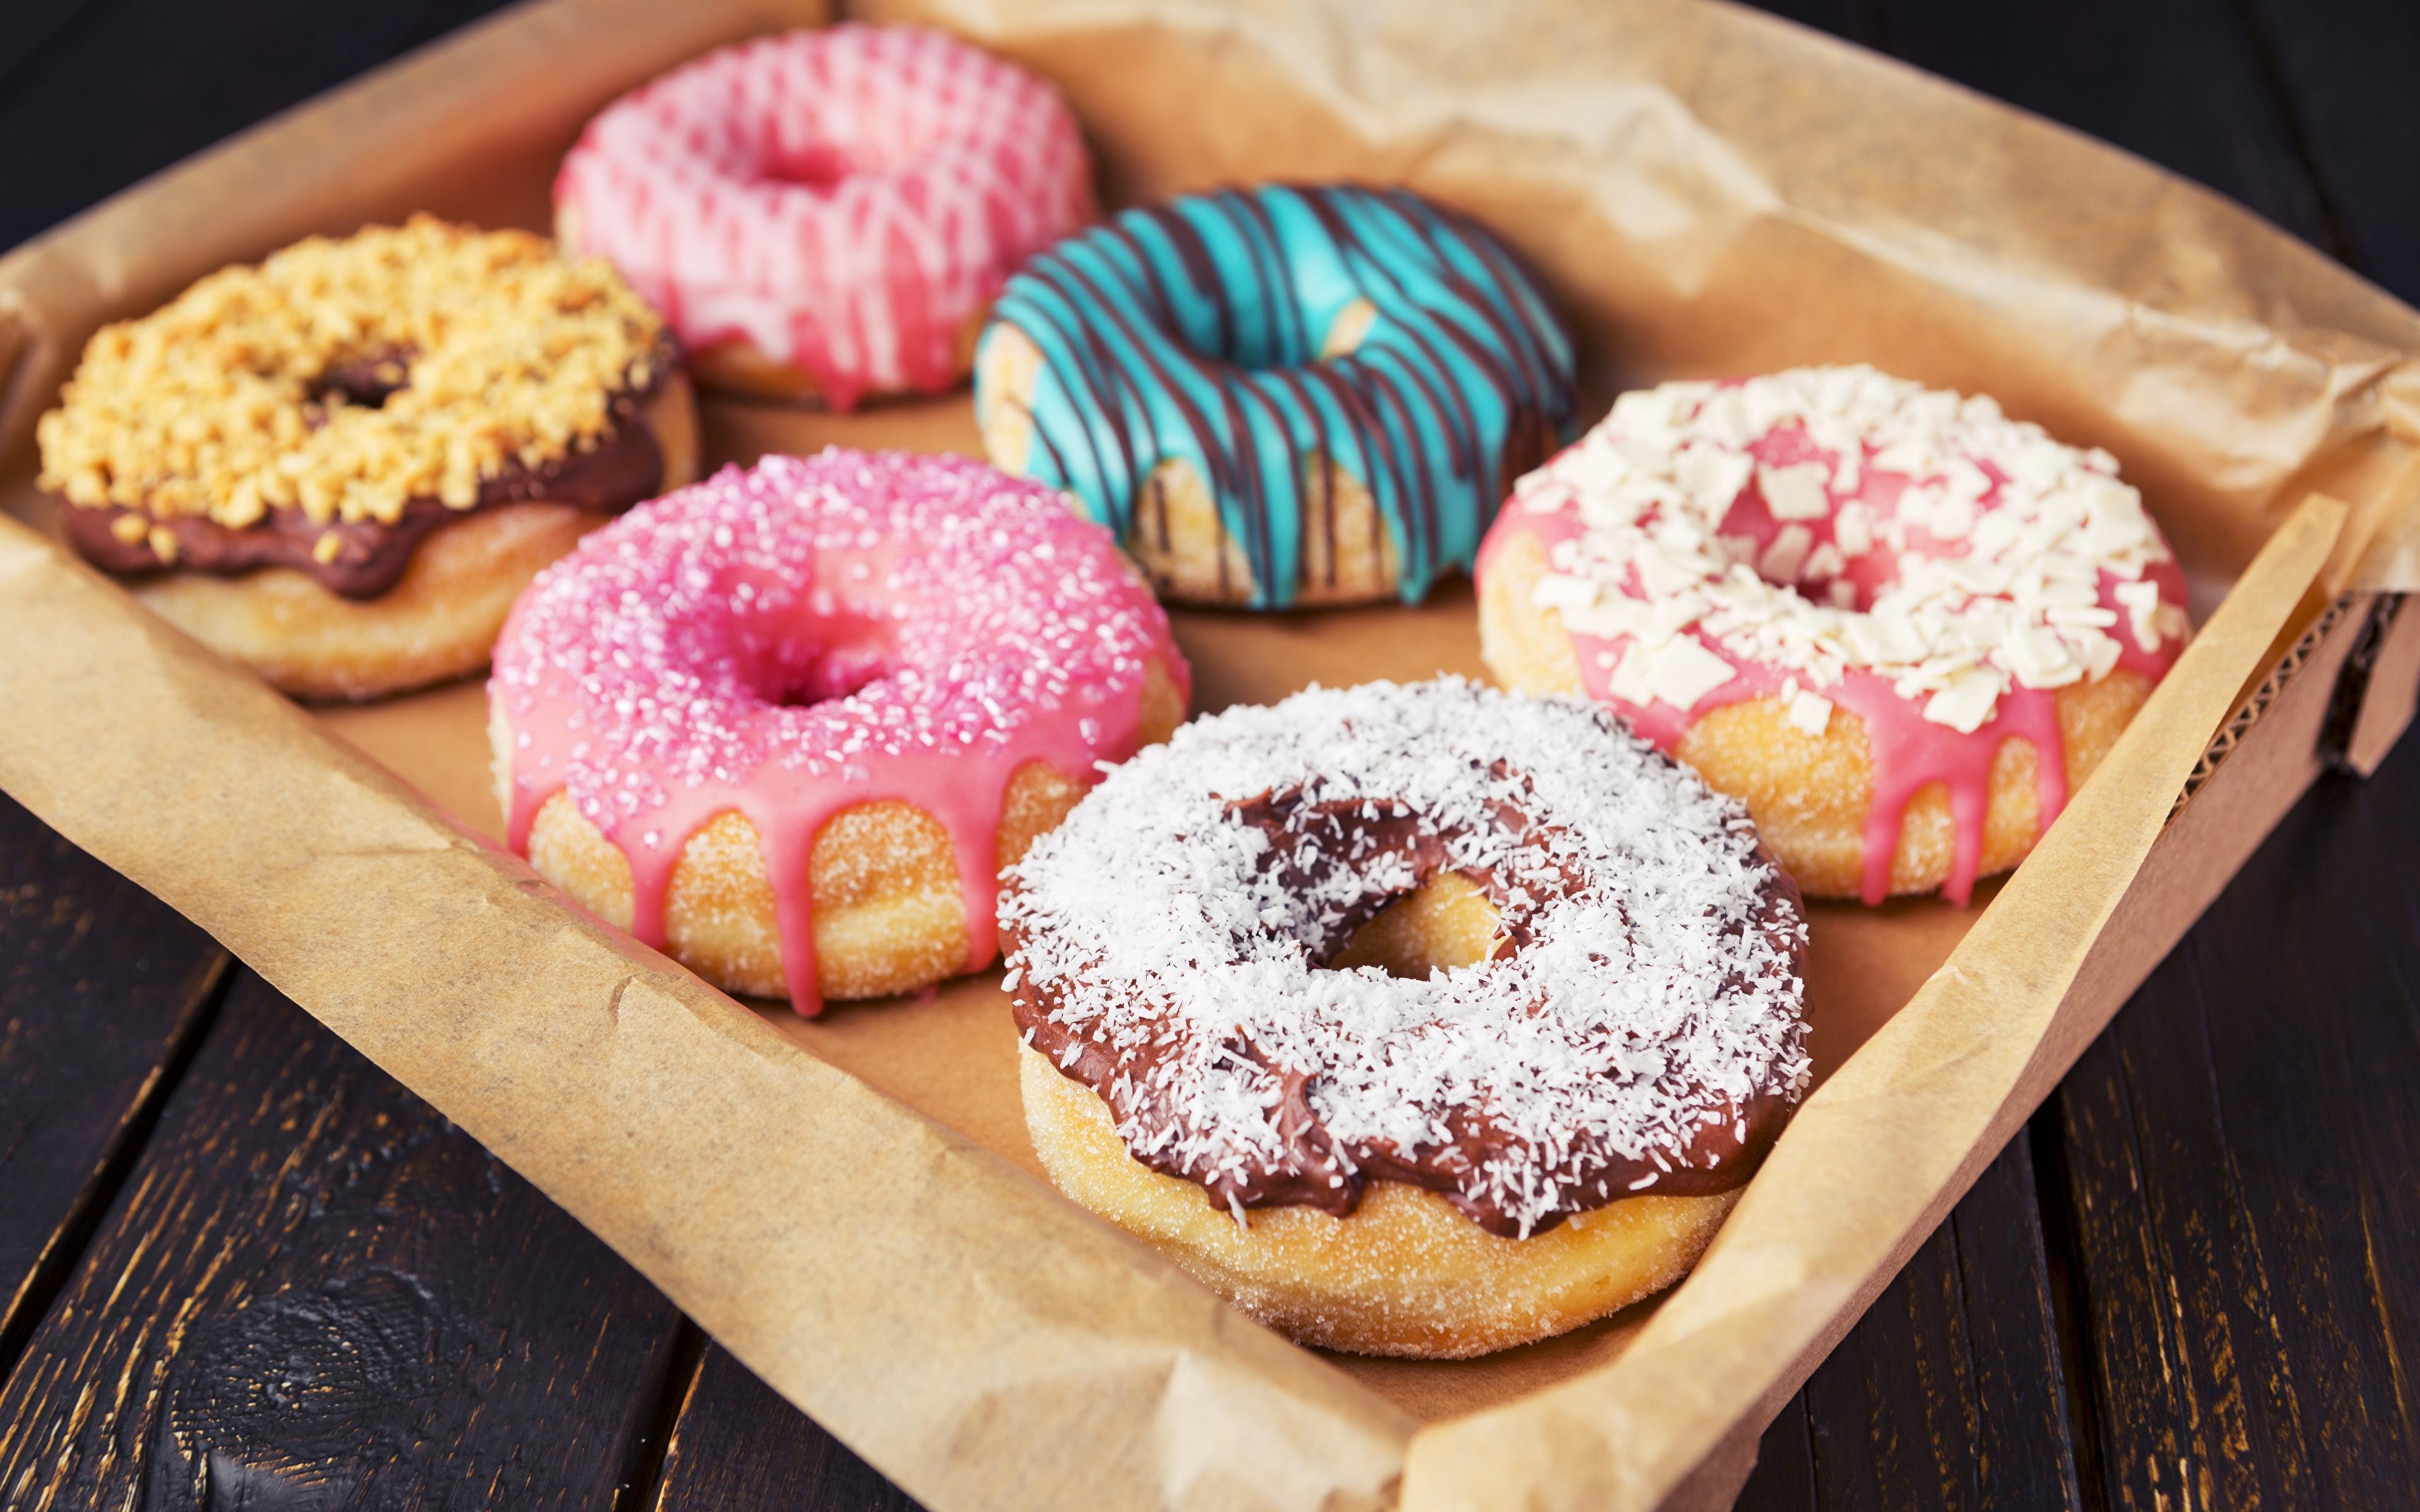 еда пончик food donut загрузить